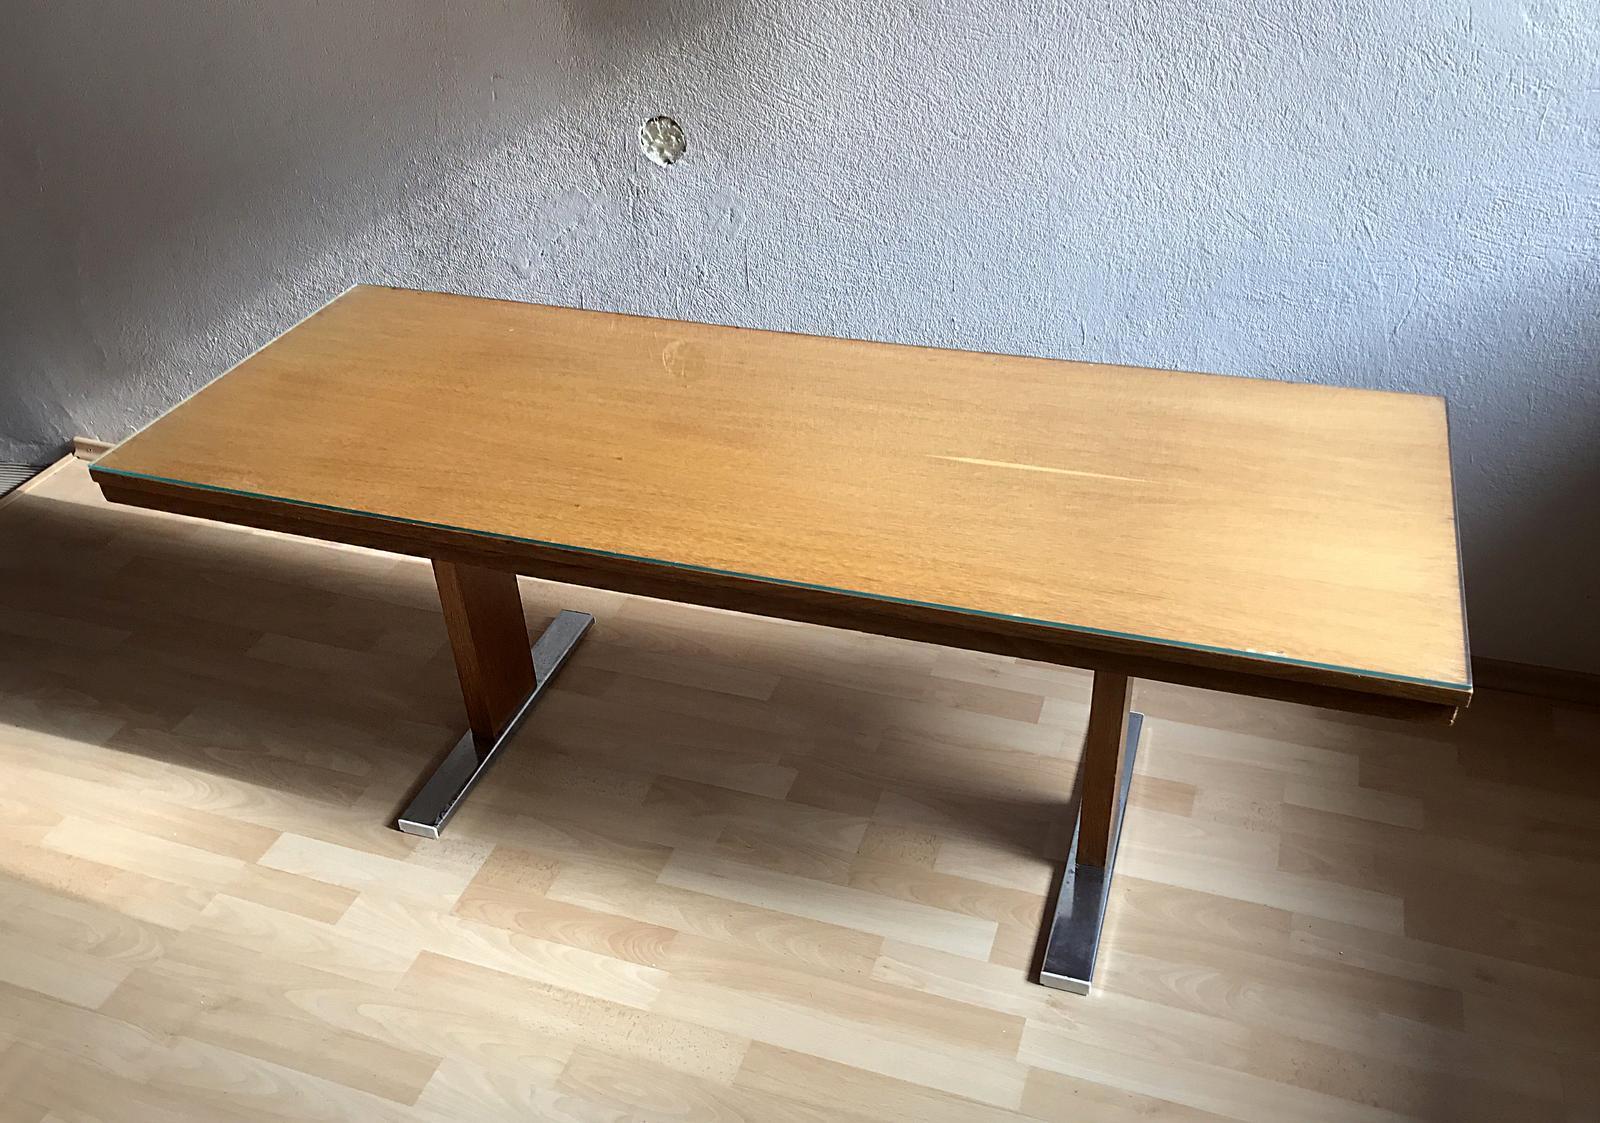 Predám retro drevený konferenčný stolík so sklom - Obrázok č. 1